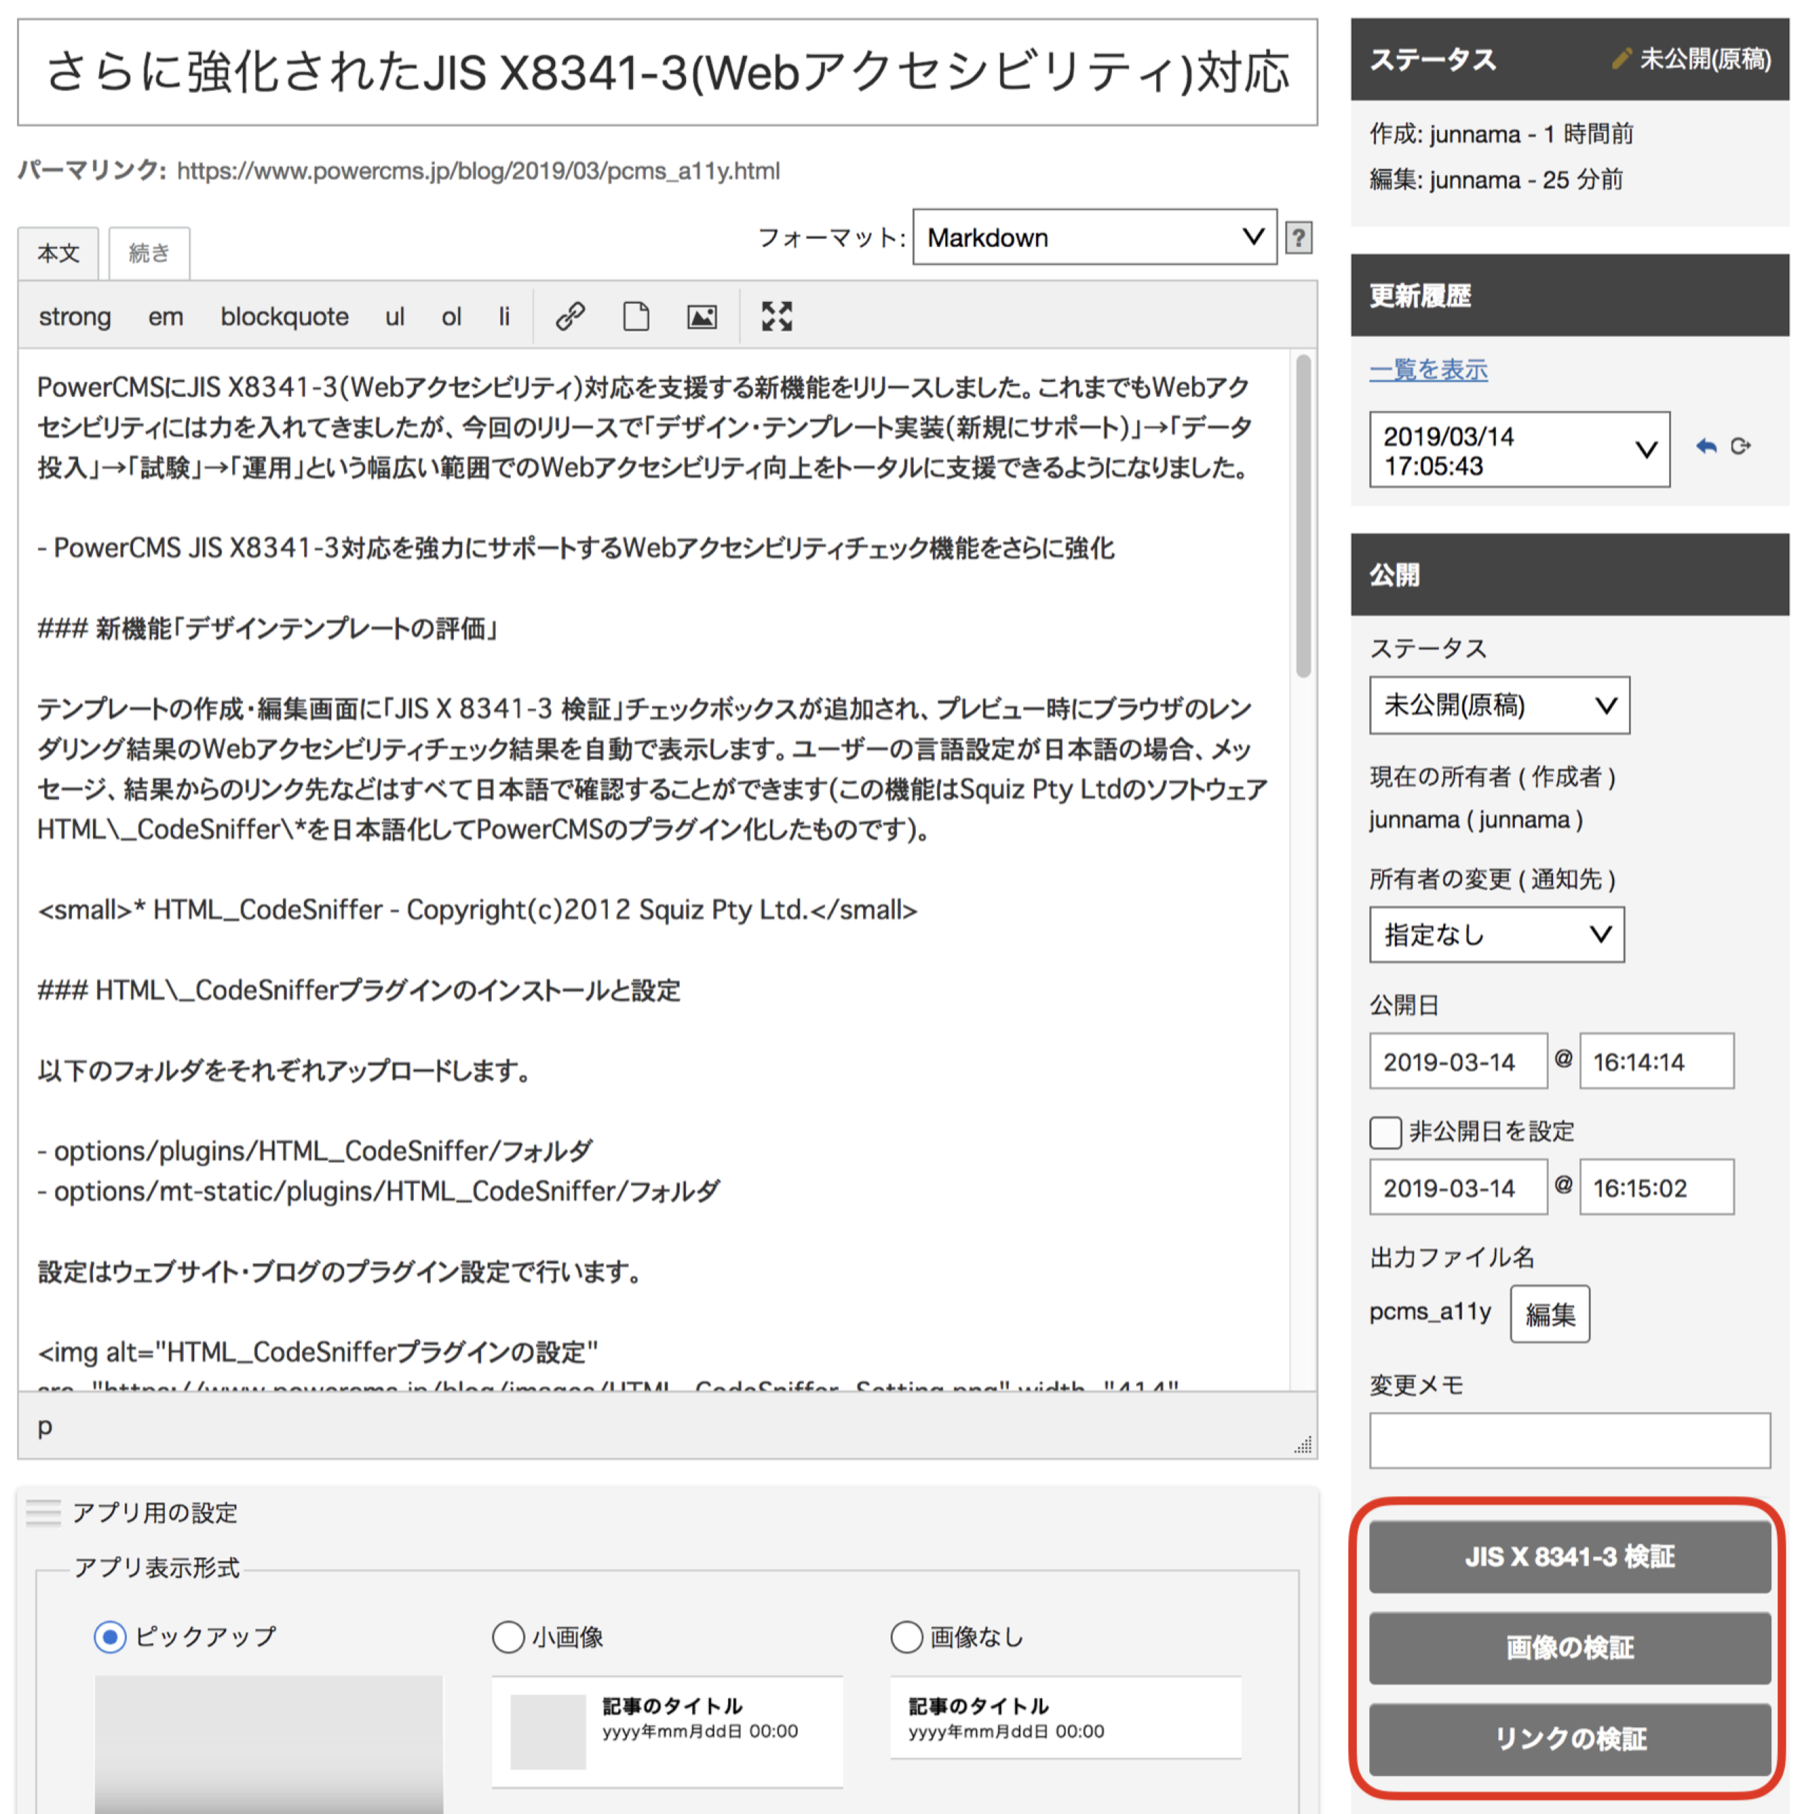 アクセシビリティ検証のボタン群